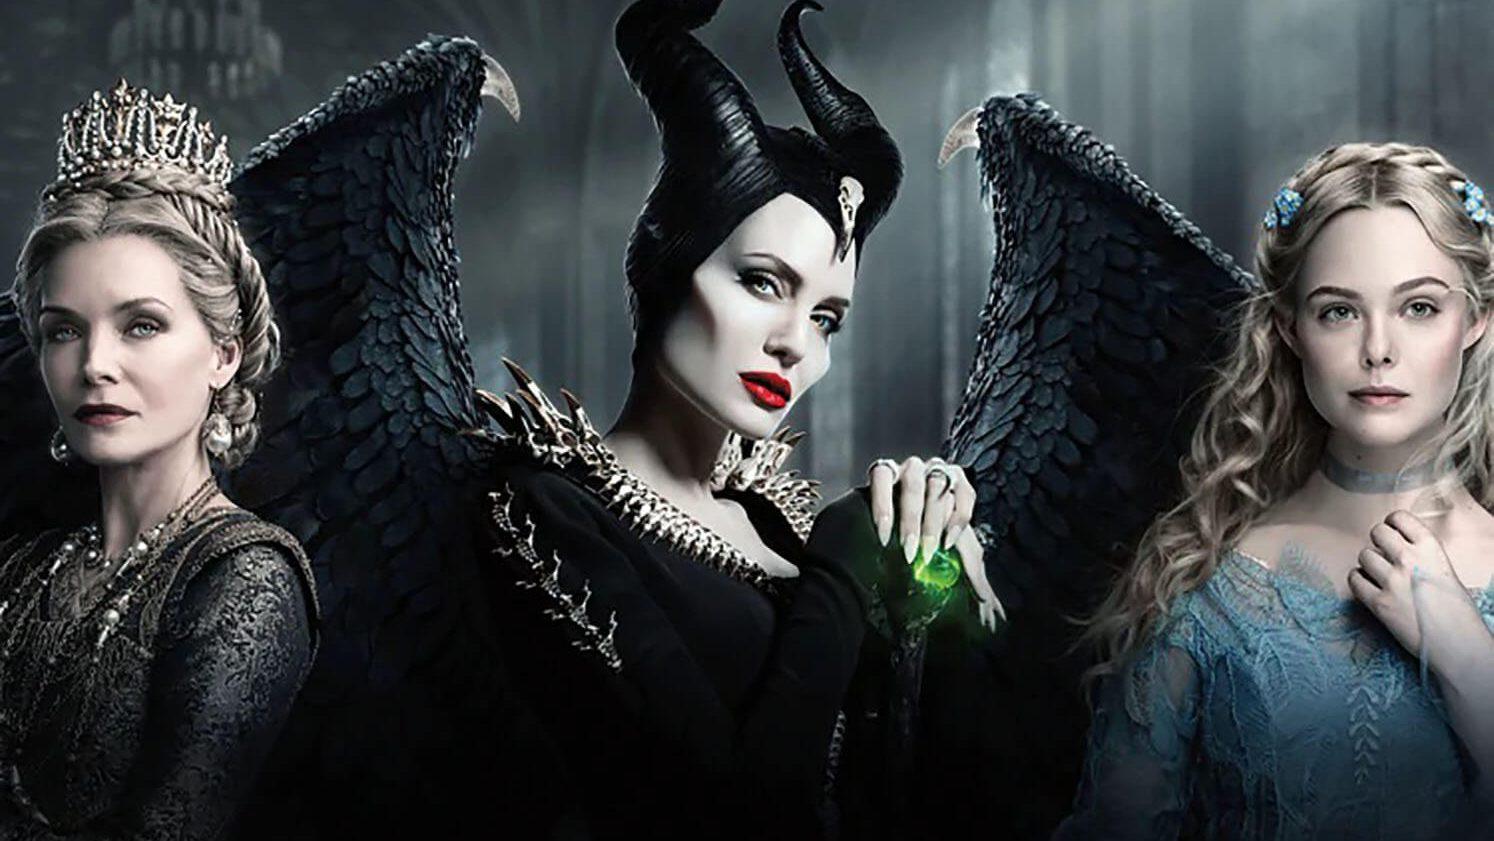 مالفیسنت: سردسته اهریمنان Maleficent: Mistress of Evil – نگاهی عمیق به دنیای افسانهای مالفیسنت